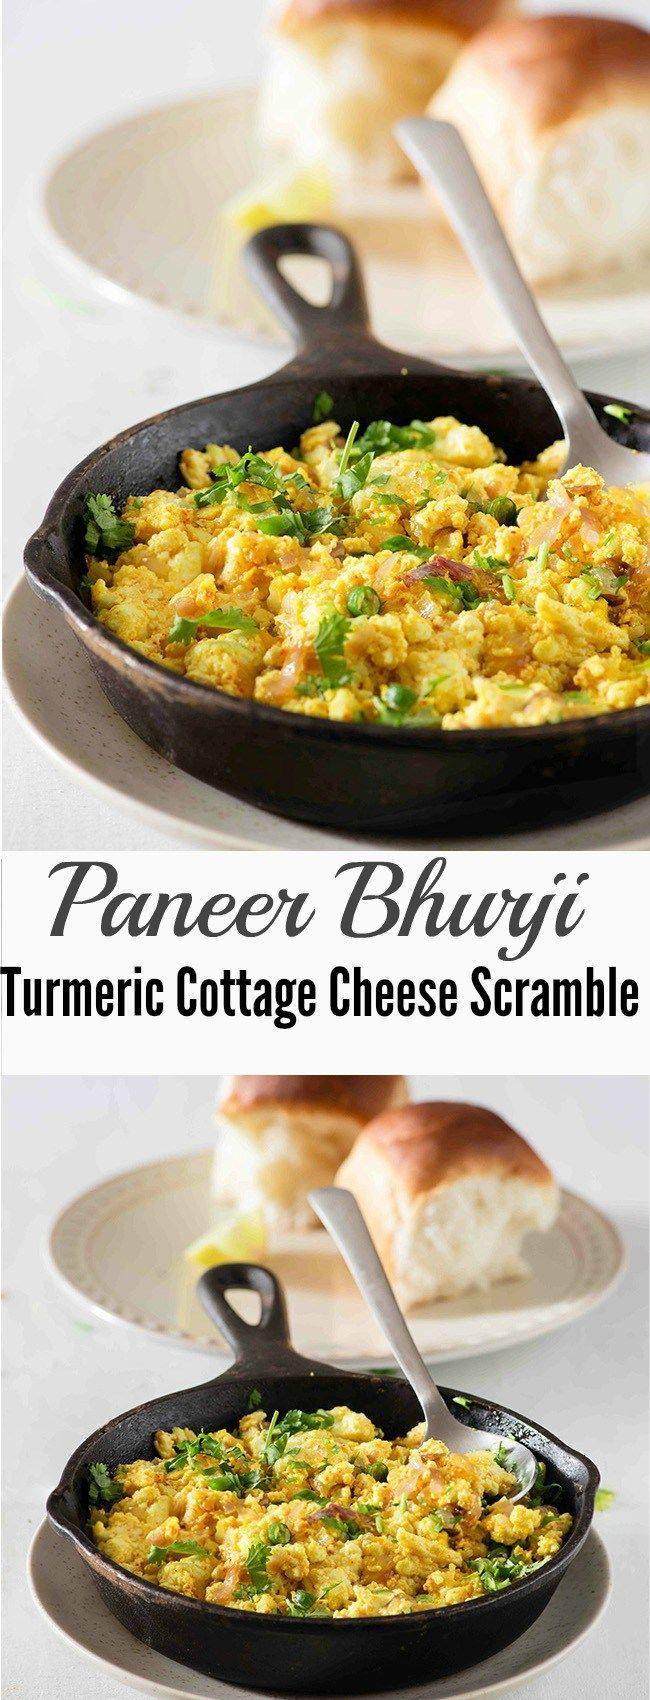 Paneer Bhurji | Scrambled Cottage Cheese or Paneer